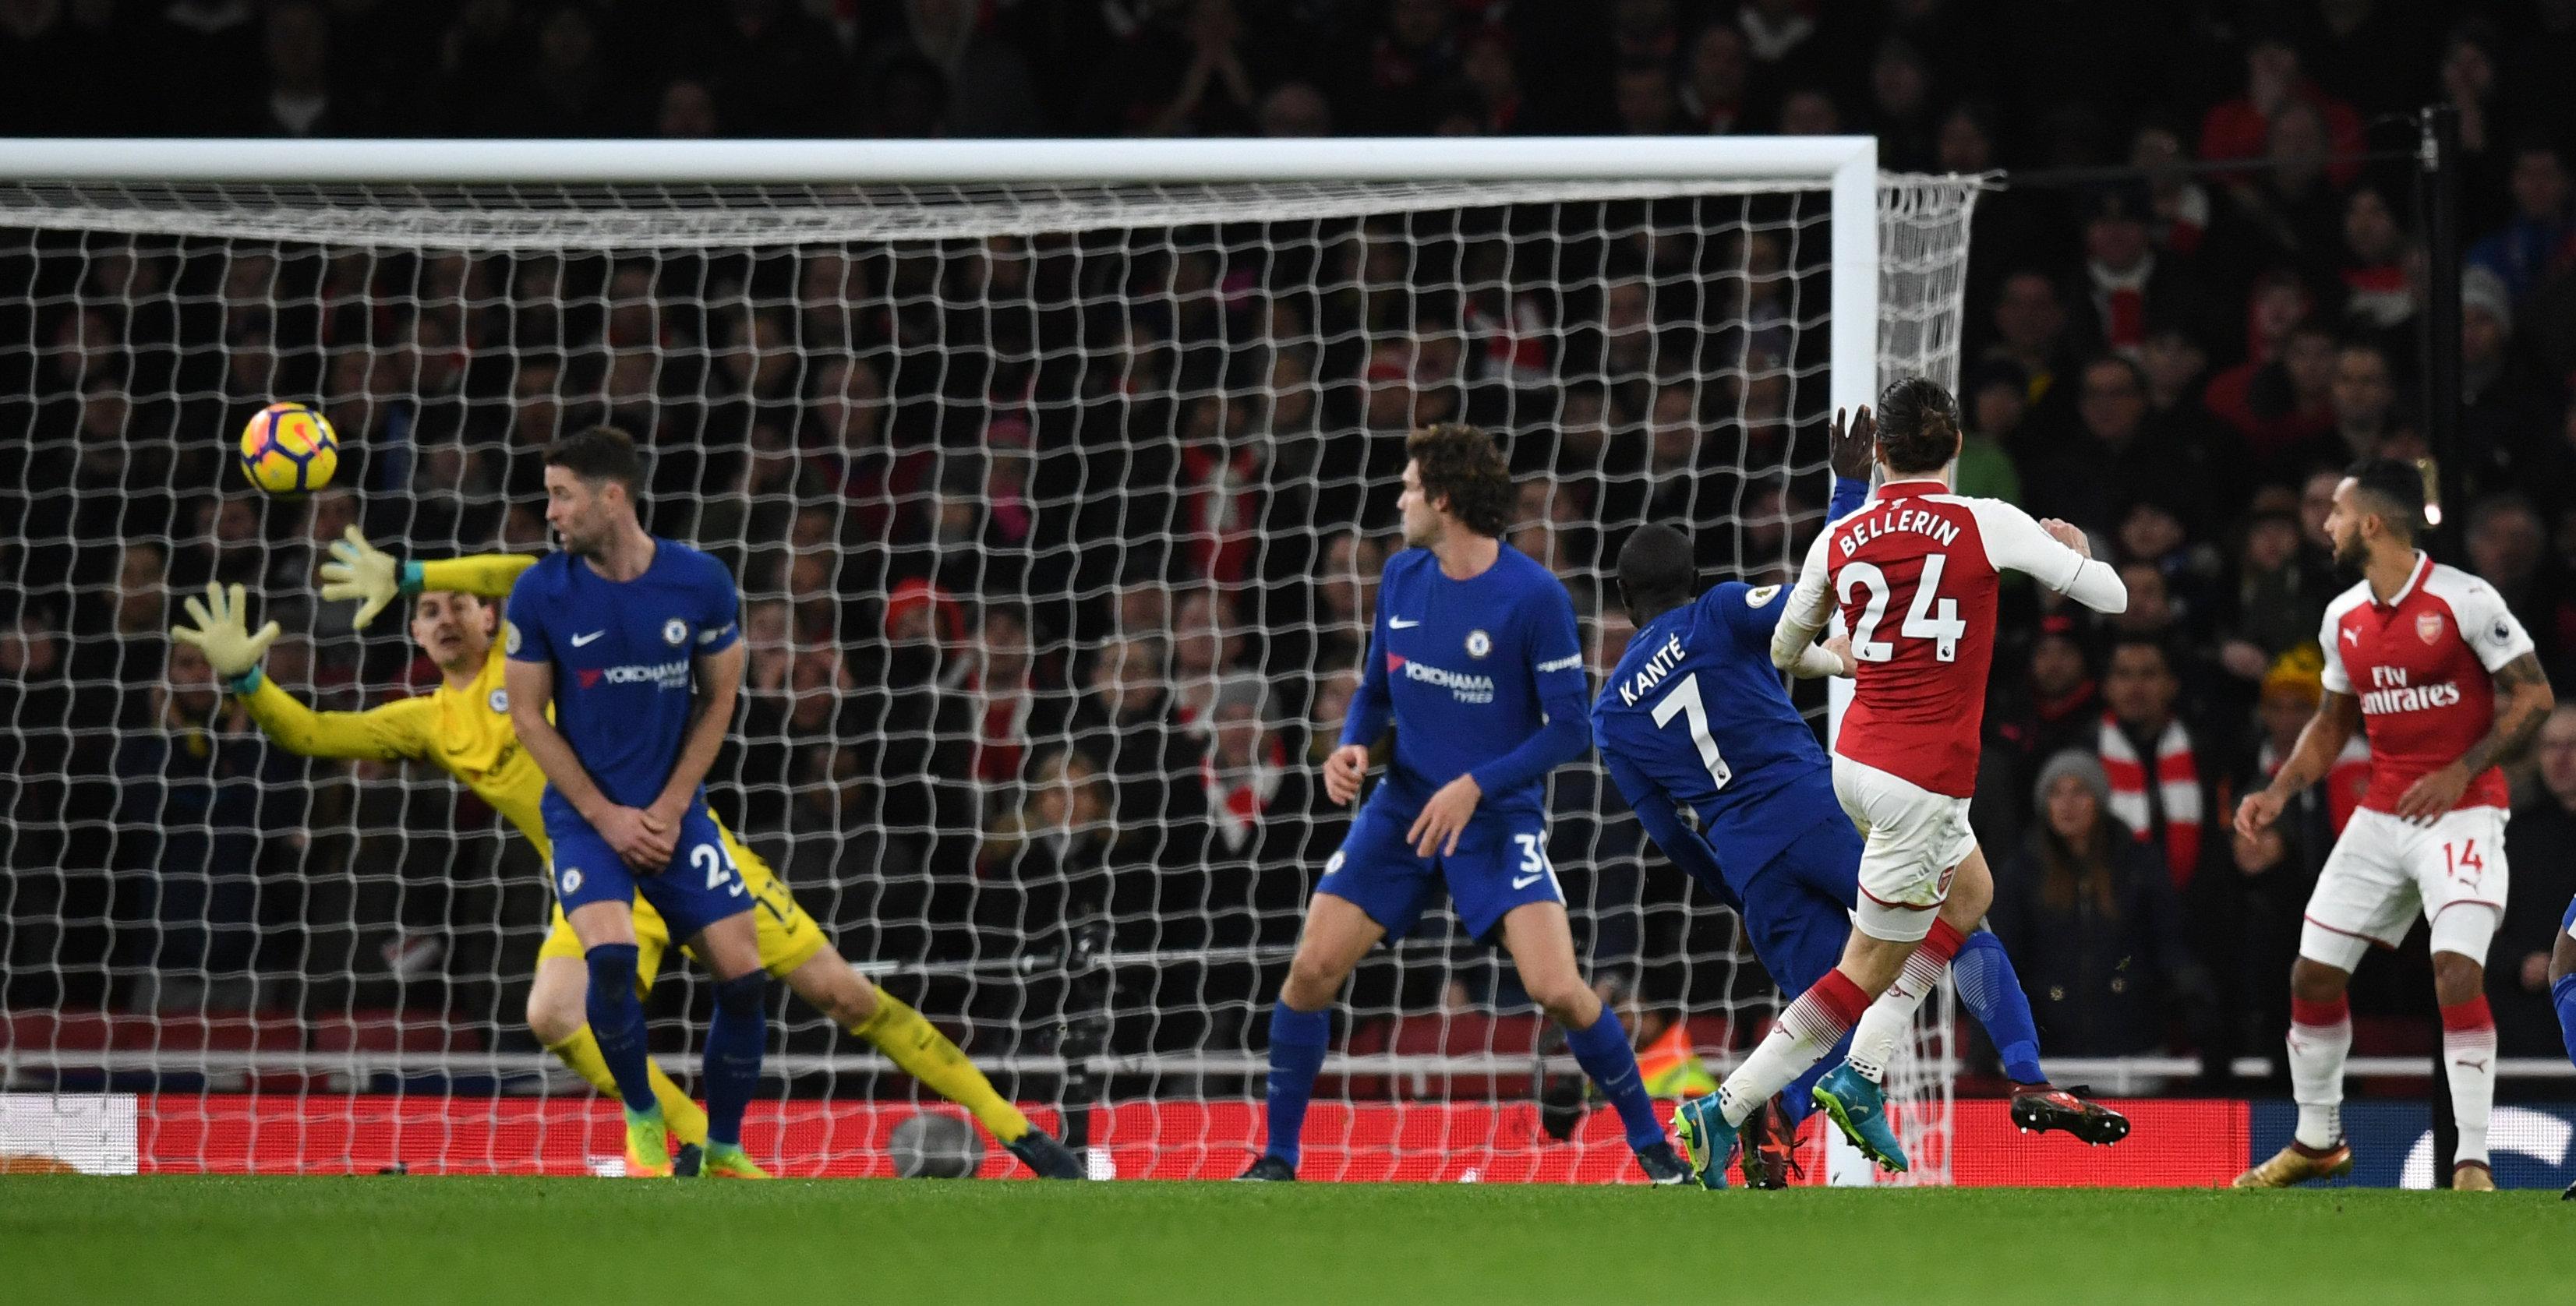 Pha dứt điểm gỡ hòa 2-2 cho Arsenal của Bellerin. Ảnh: REUTERS